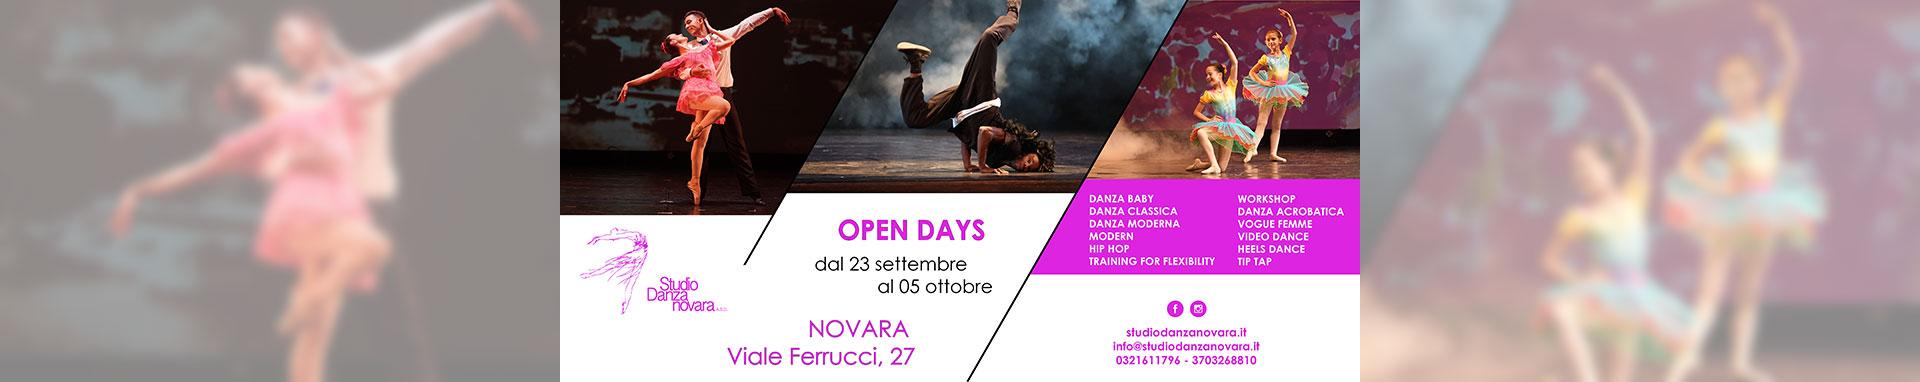 open-days-foto-2